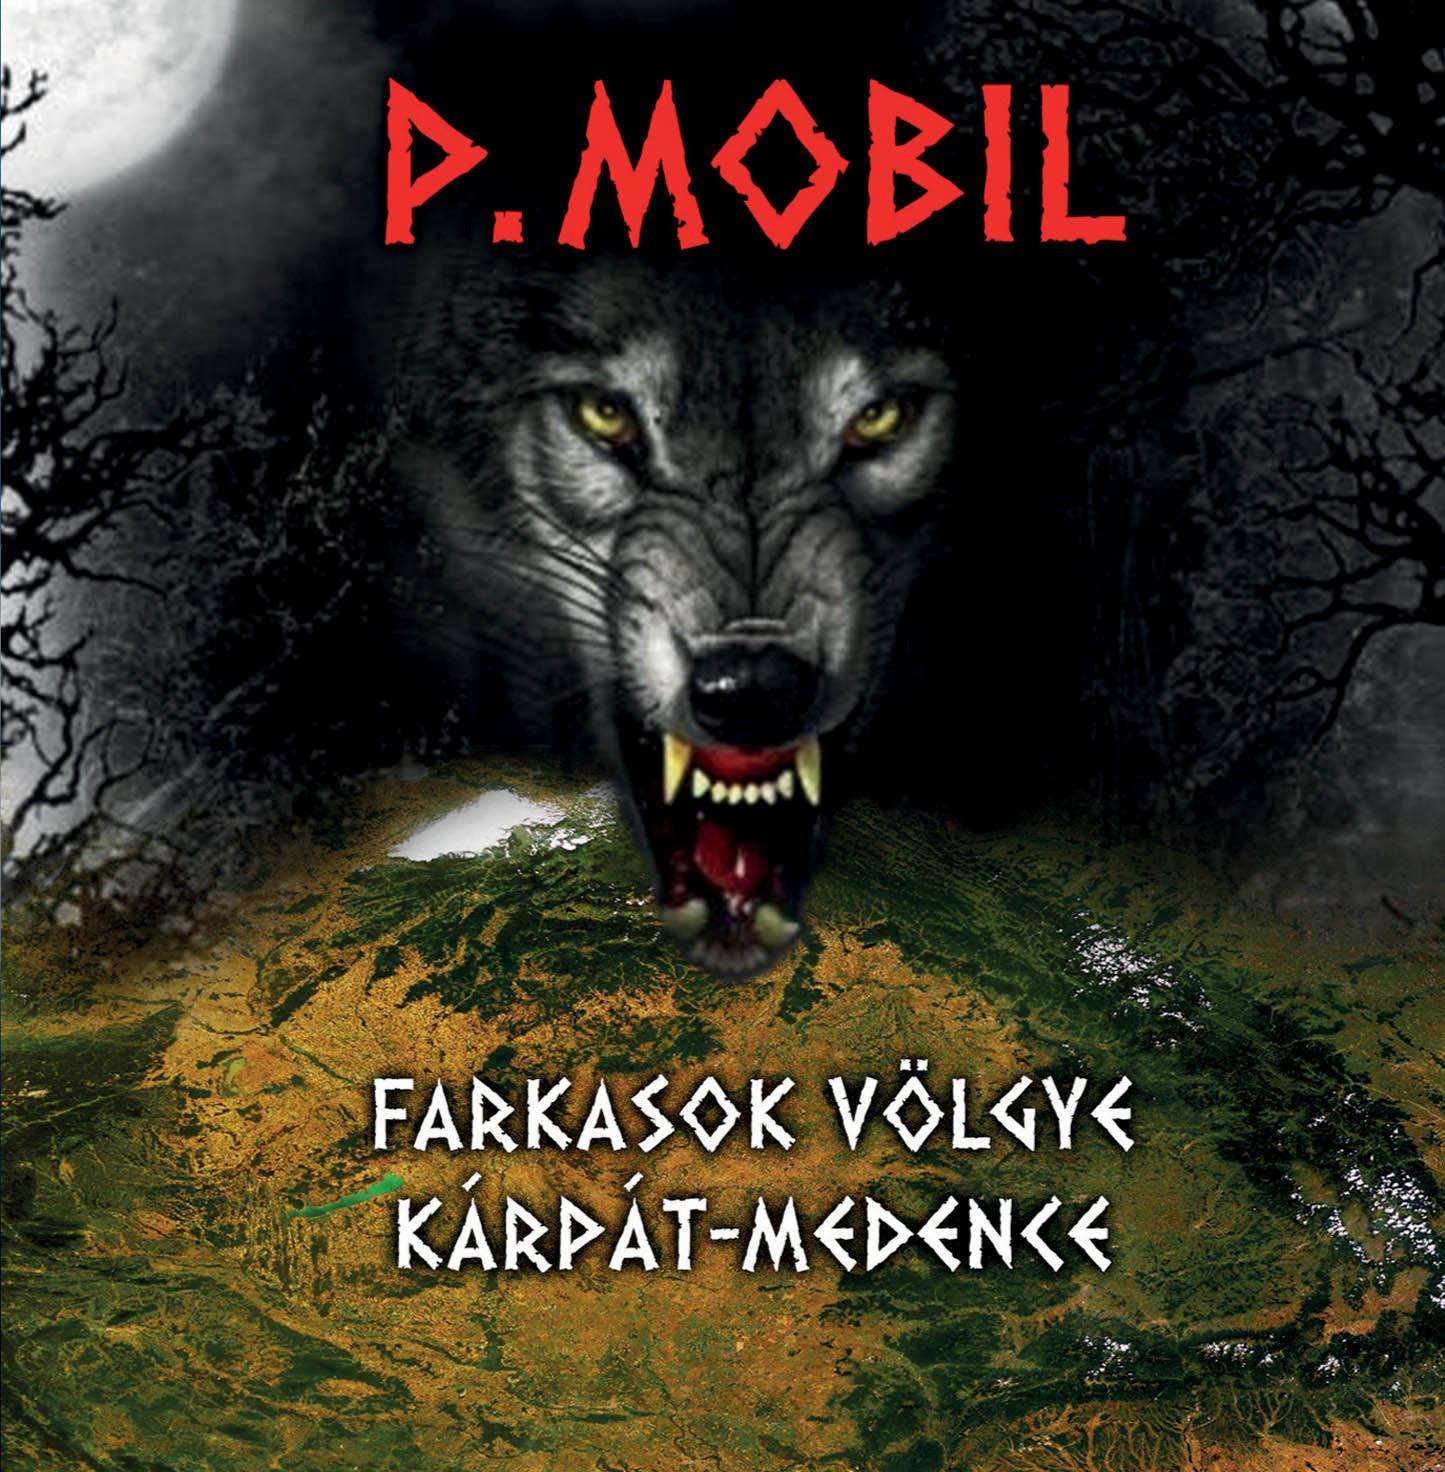 P. MOBIL - FARKASOK VÖLGYE KÁRPÁT-MEDENCE - CD -